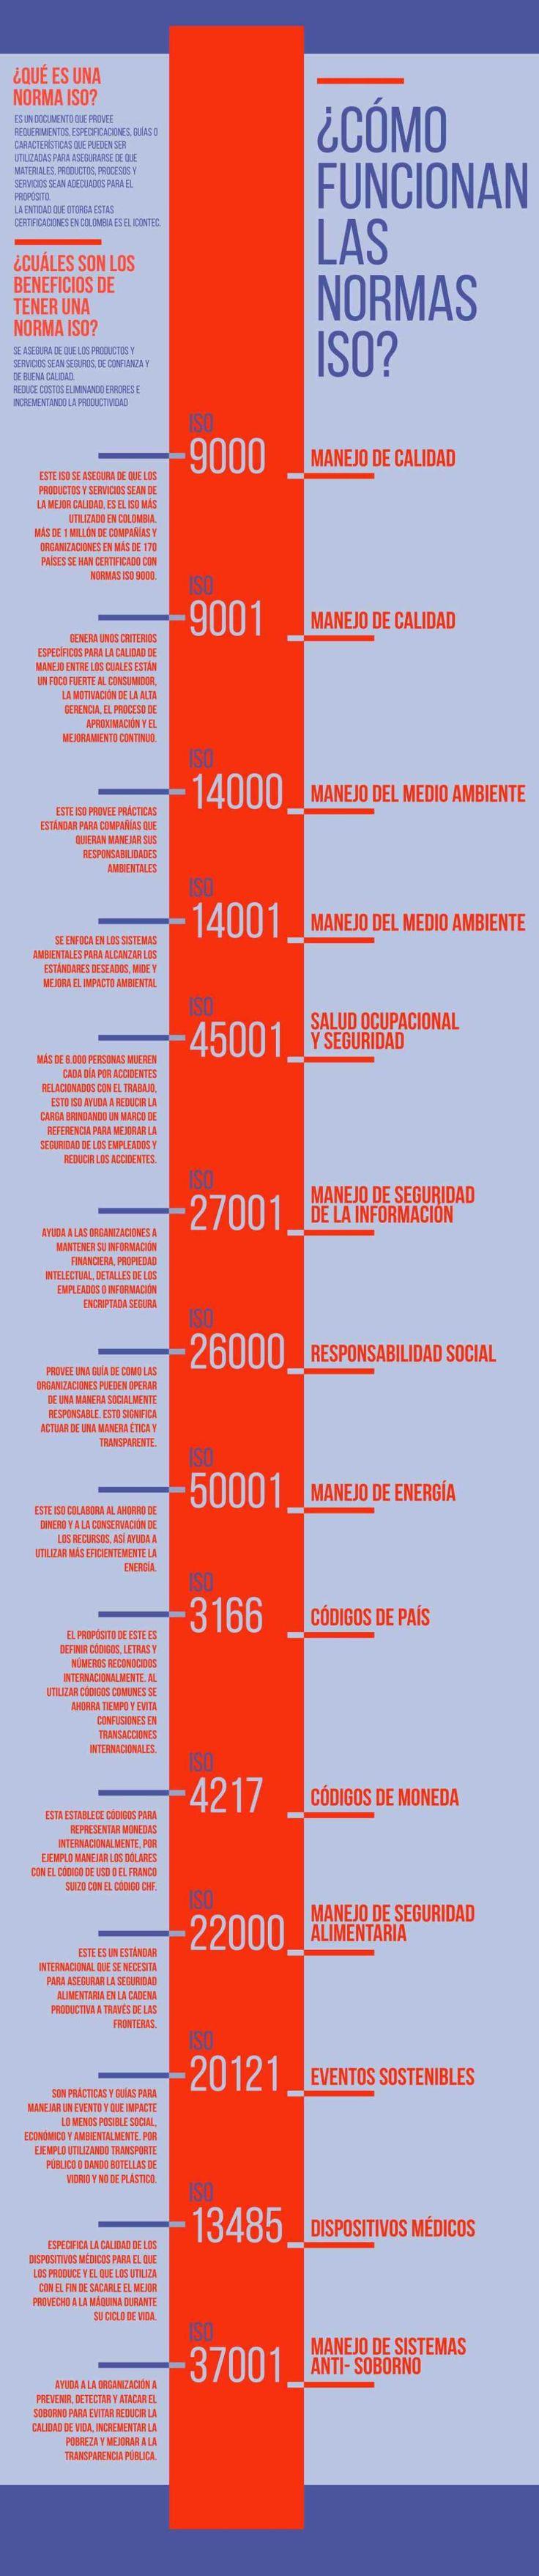 Normas ISO: qué son y cómo funcionan #infografia #infographic